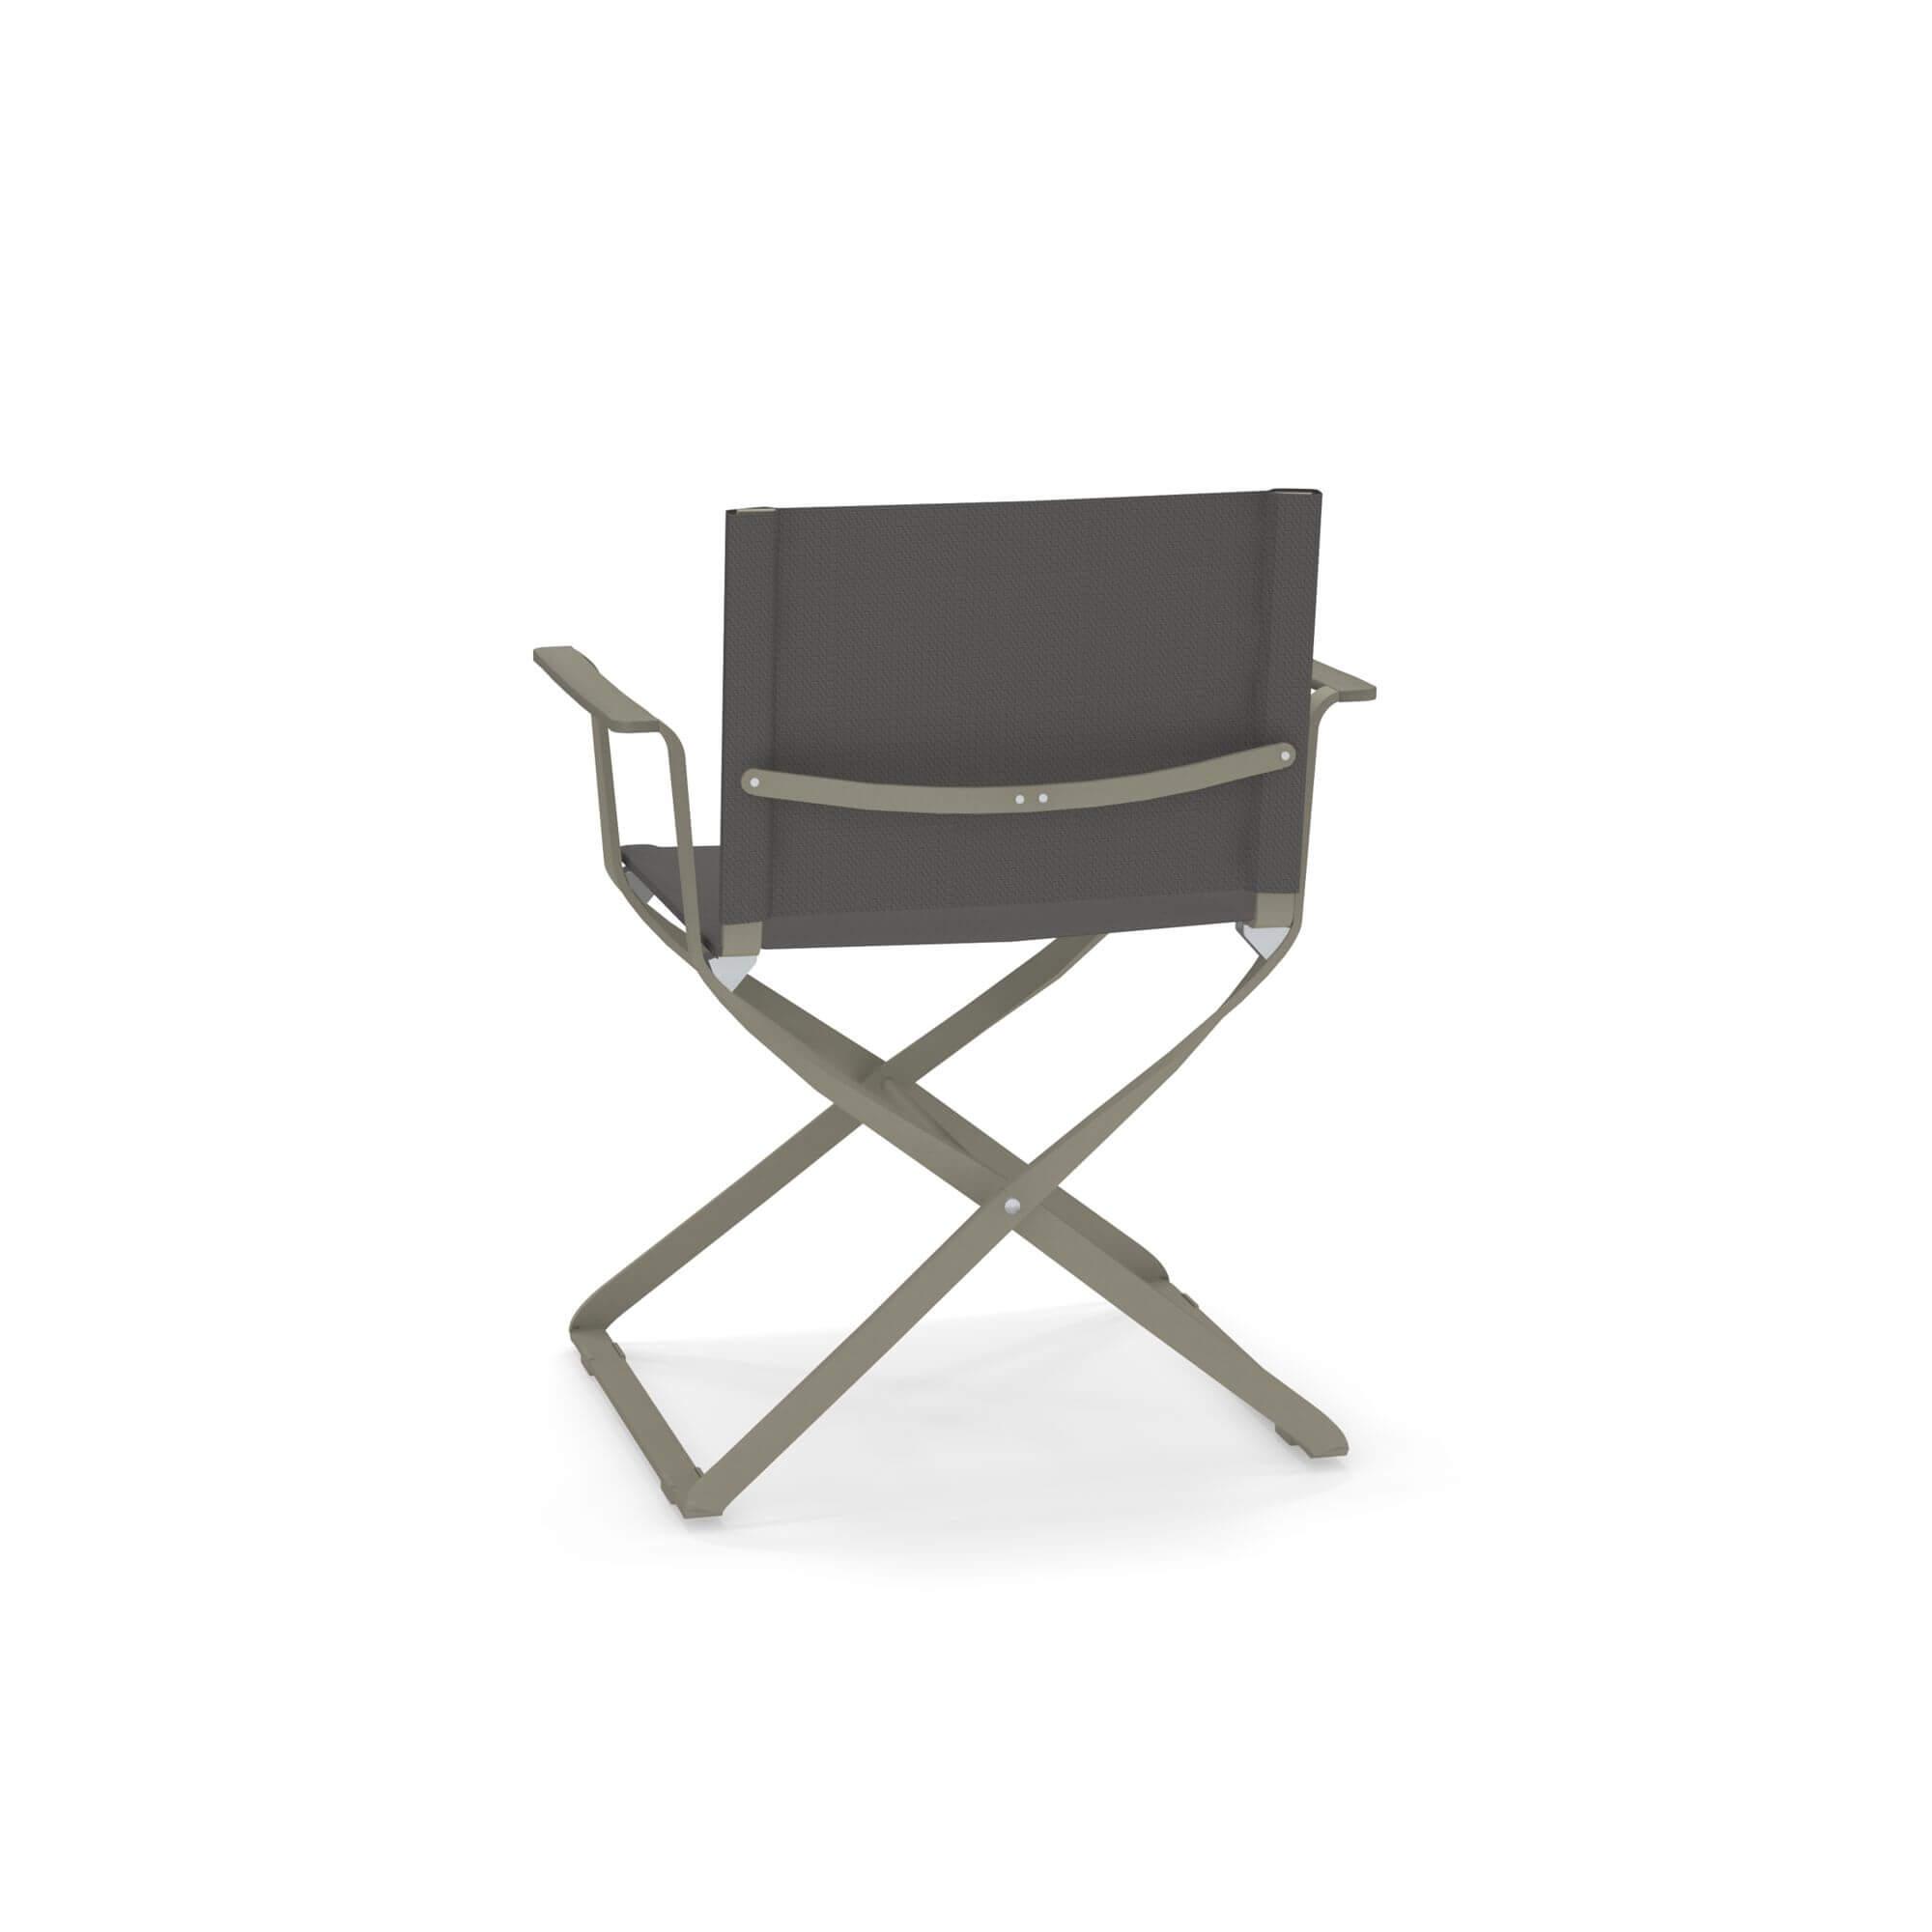 Sedia regista da giardino esterno in alluminio e emu tex for Sedia design regista